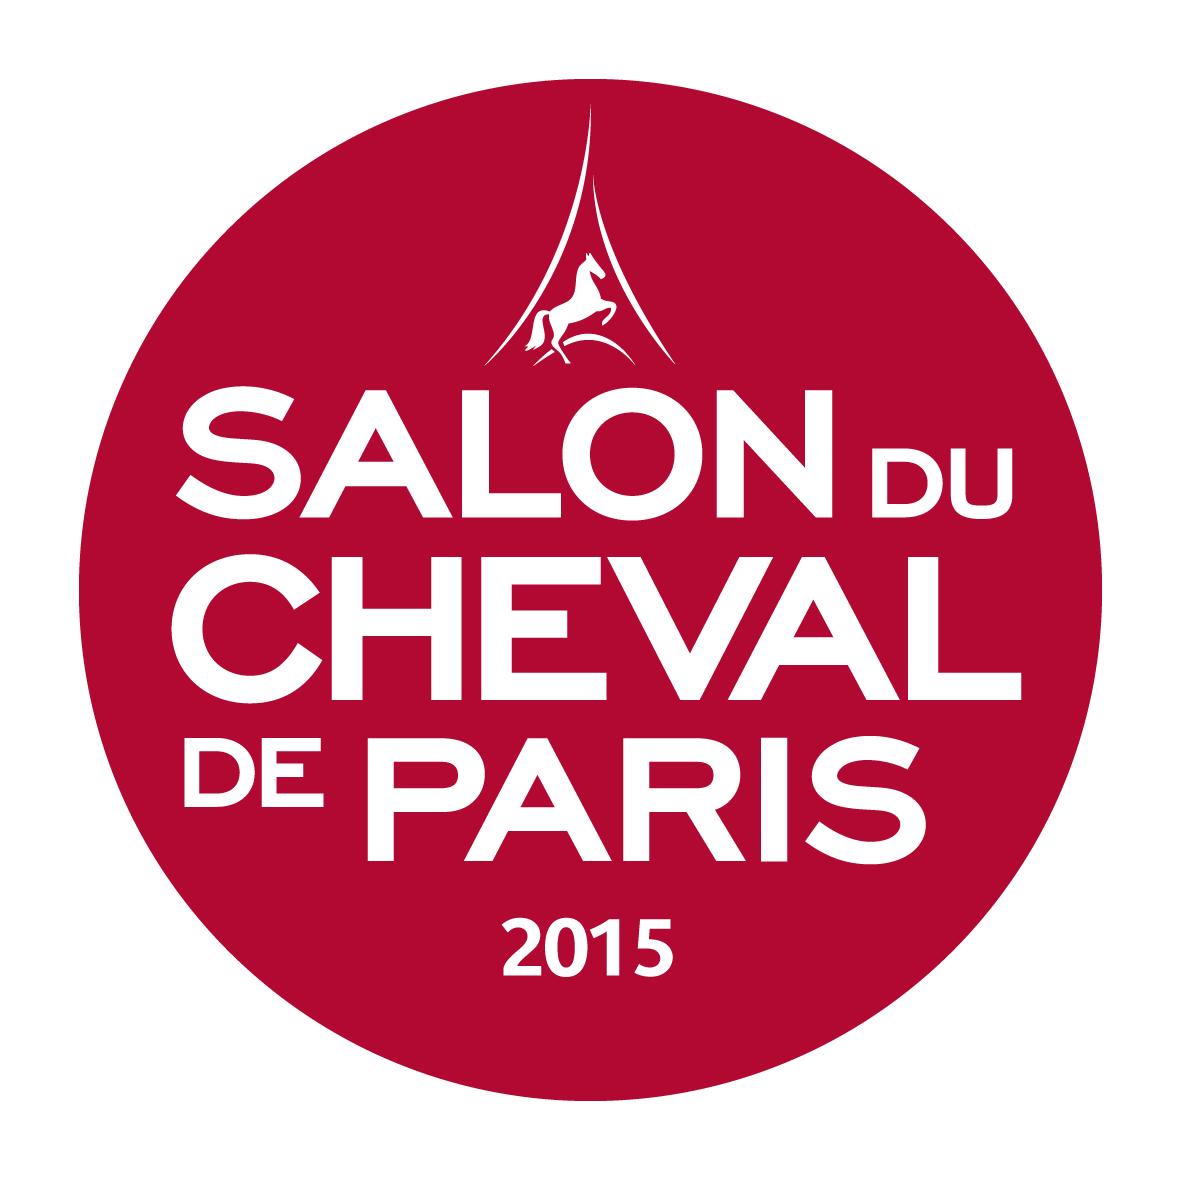 Salon du cheval de paris les ecuries d 39 air pur eap for Salon du cheval montpellier 2017